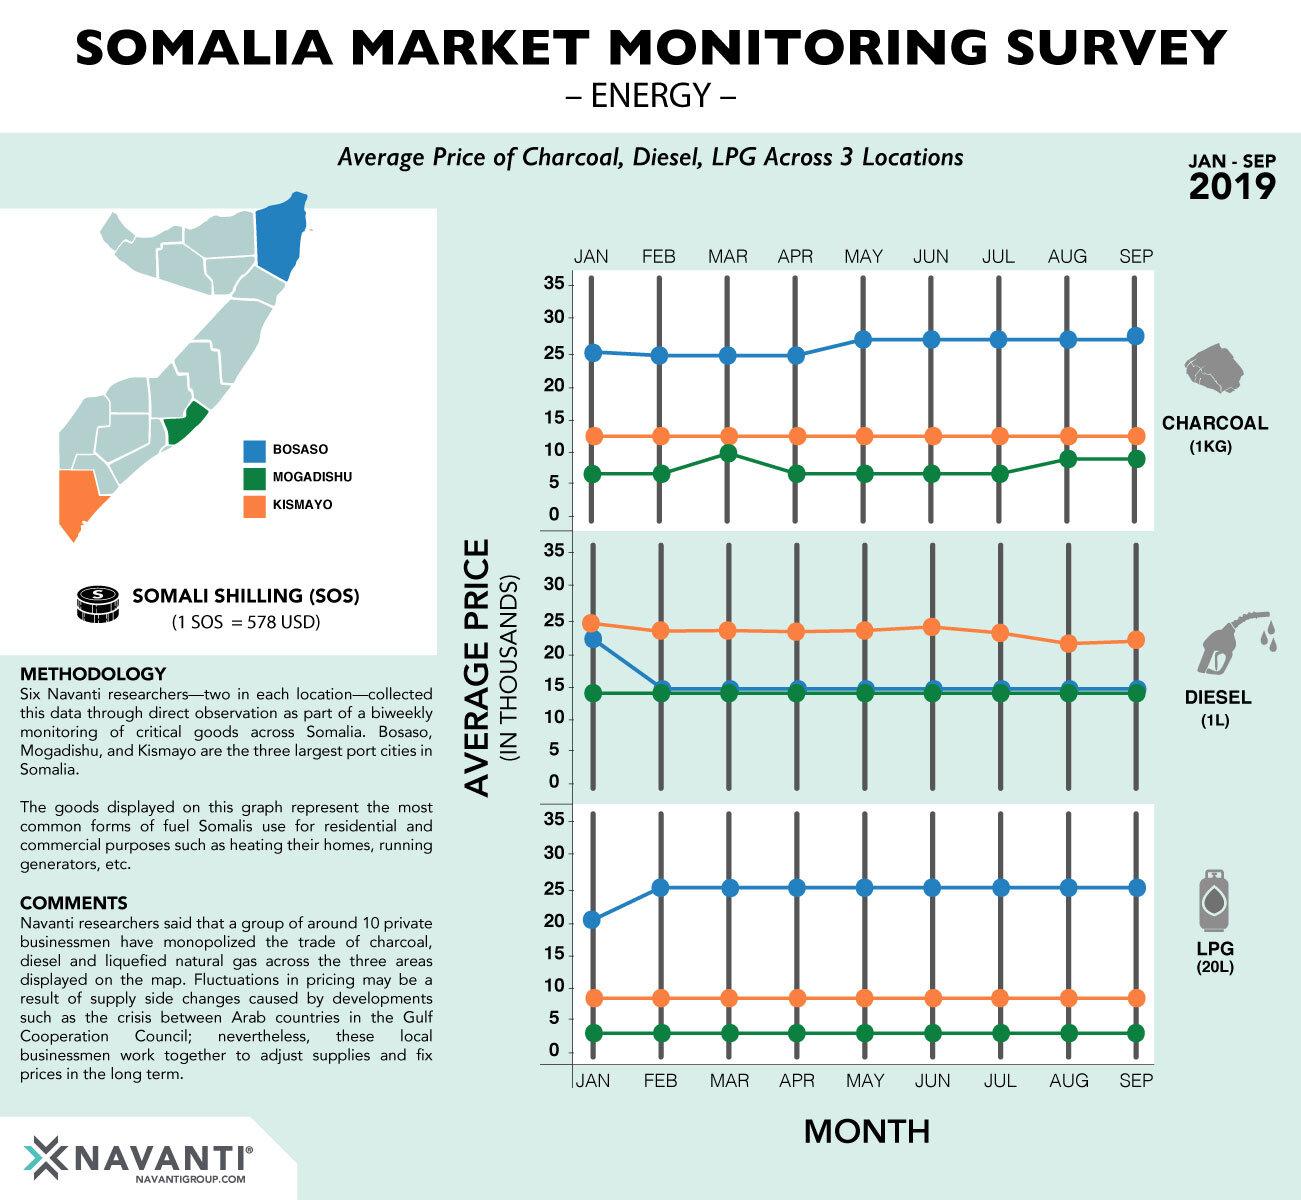 Somalia_Regions_10-23-19_v6.jpg